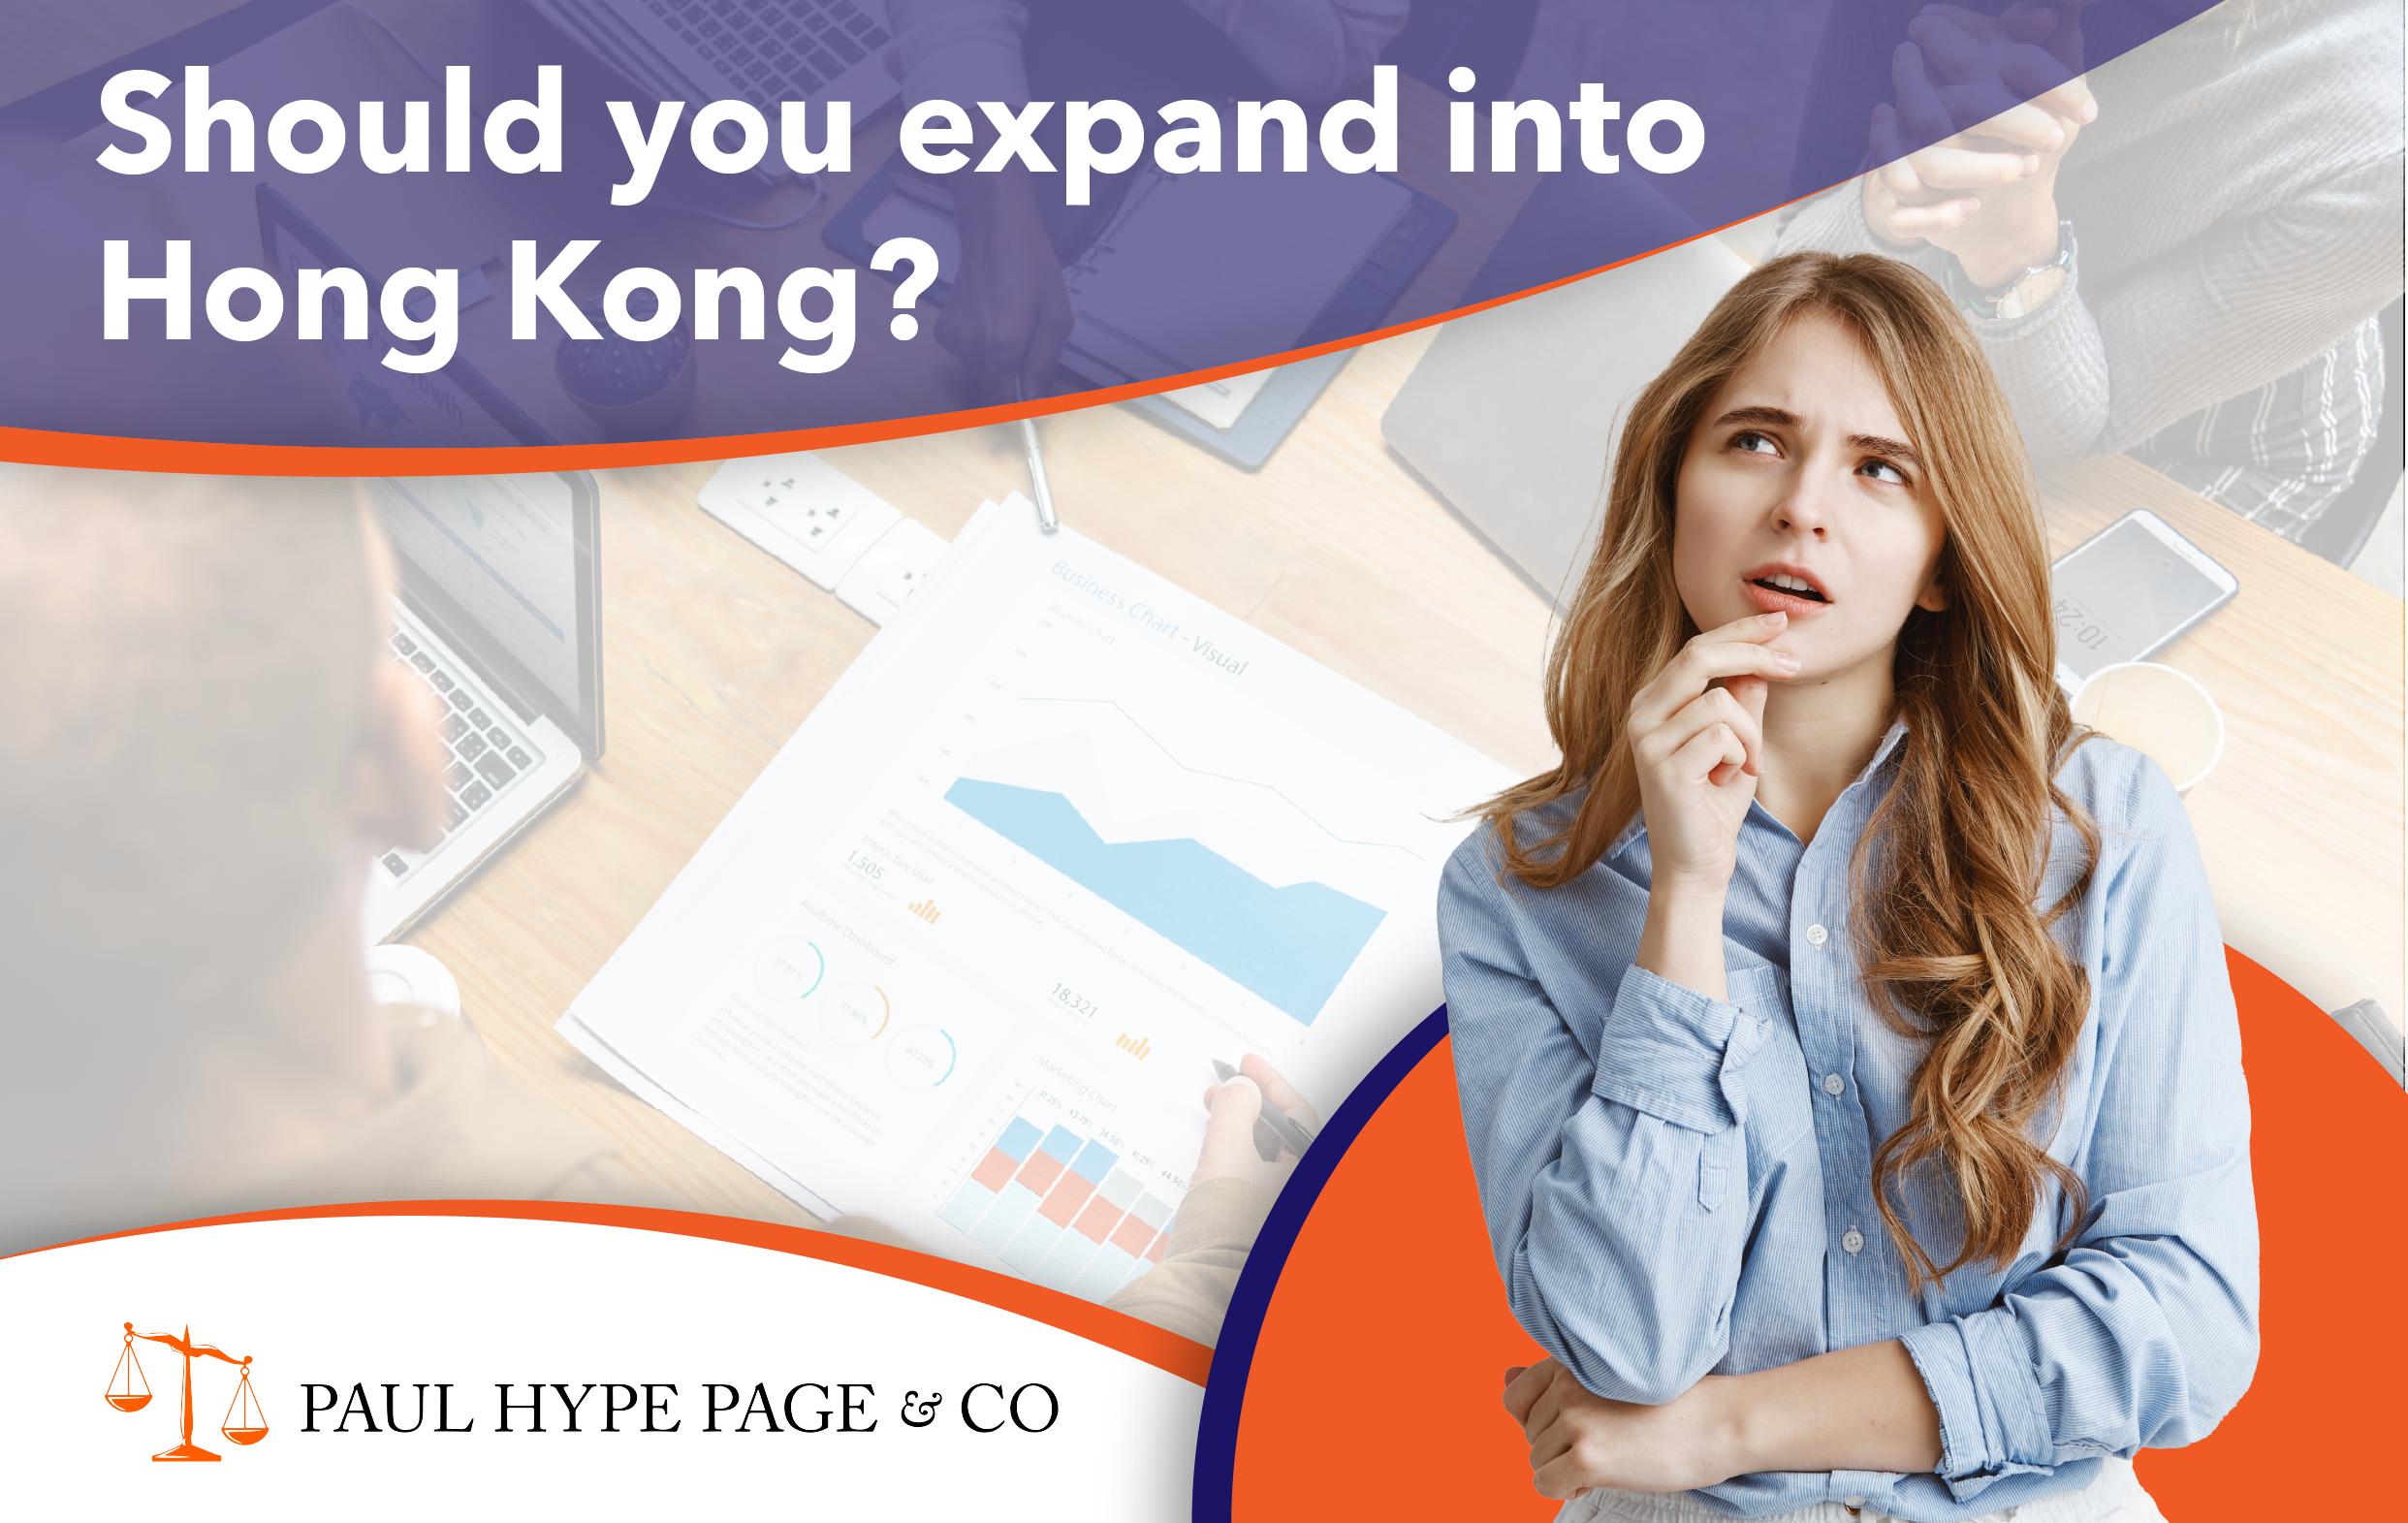 Expand into Hong Kong